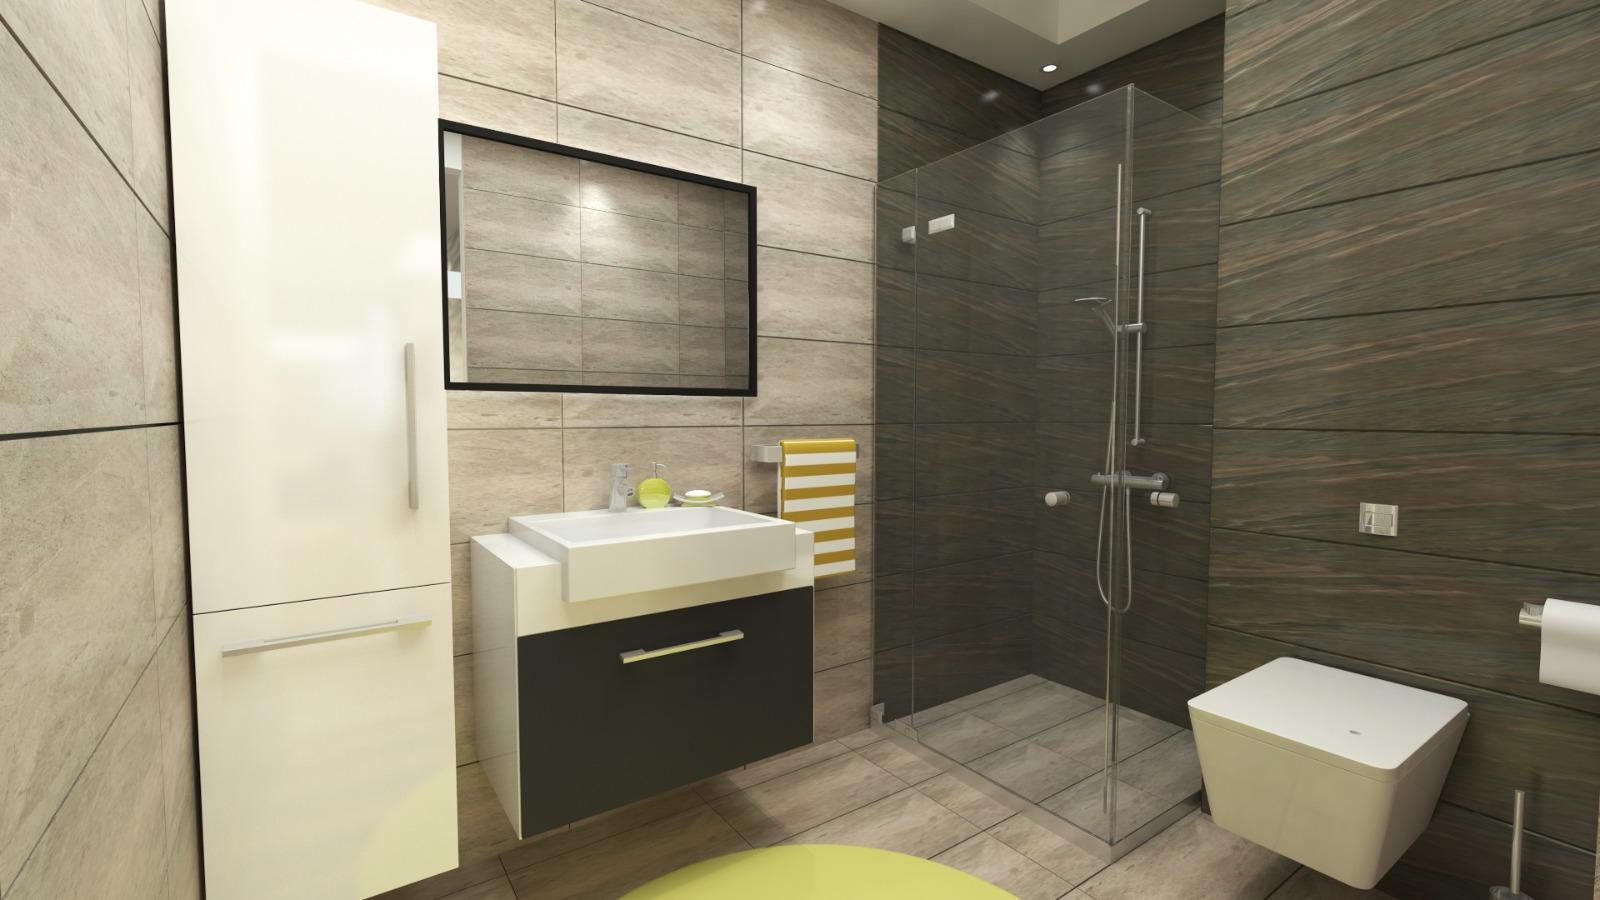 Новые квартиры в районе Кестель - Фото 18